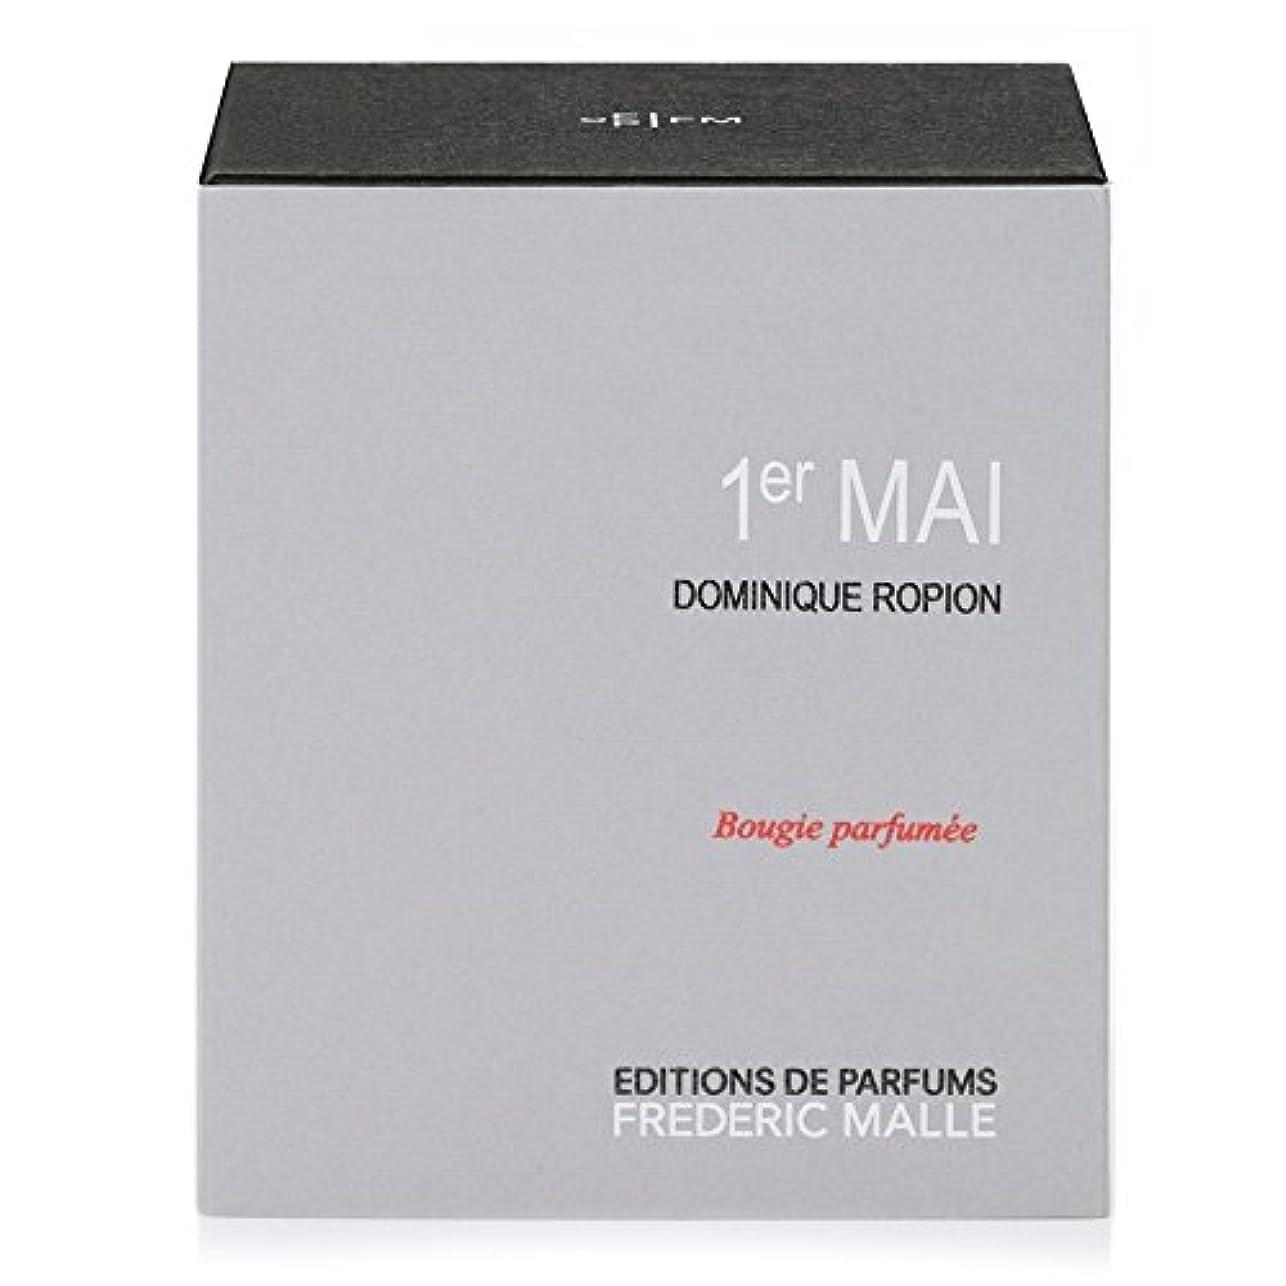 肥満駐地ネーピアFrederic Malle 1er Mai Scented Candle 220g (Pack of 4) - フレデリック?マルプルミエ舞香りのキャンドル220グラム x4 [並行輸入品]